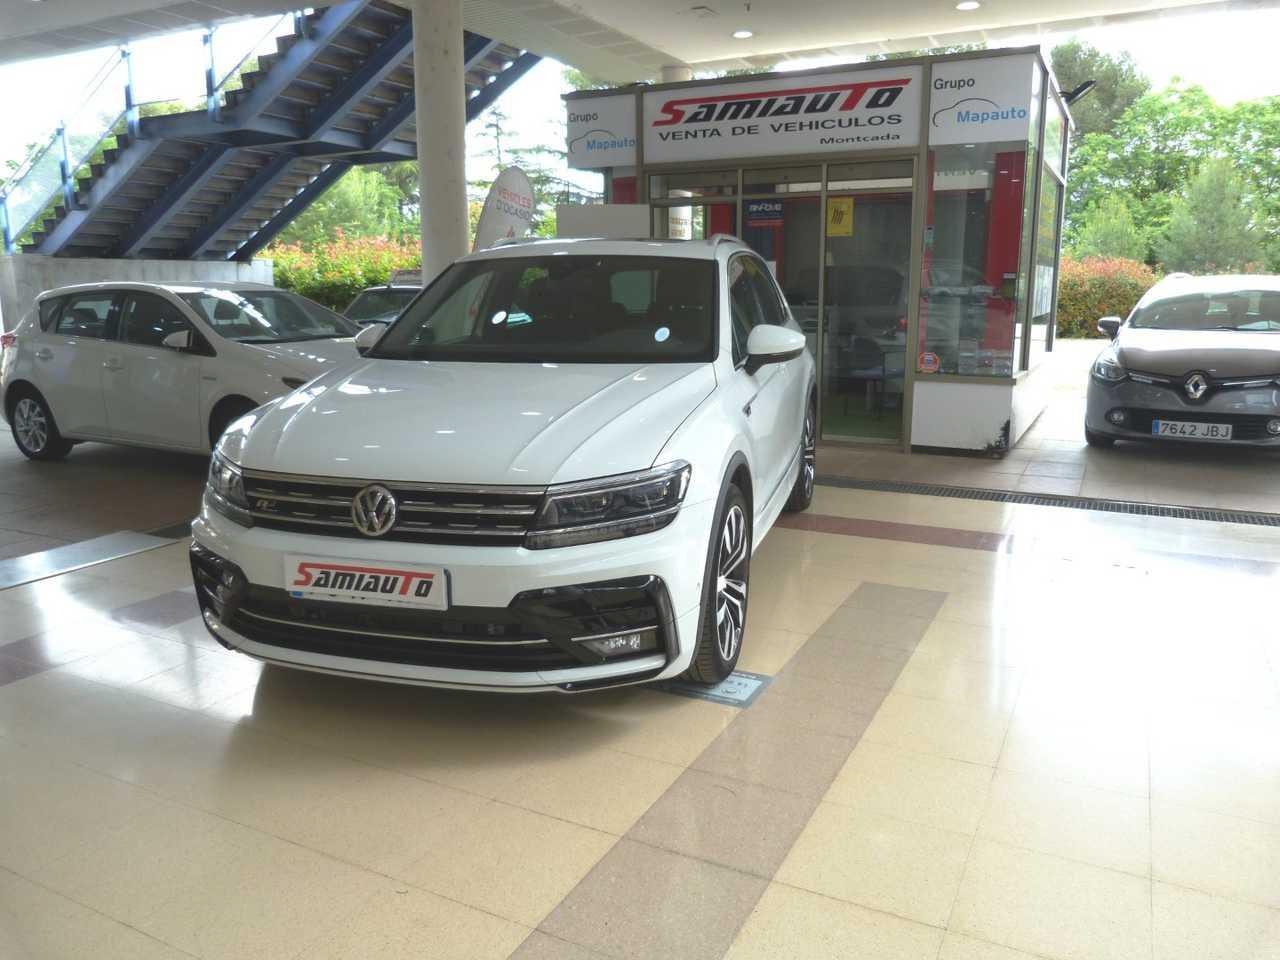 Volkswagen Tiguan Tiguan Sport 2.0 TDI 110kW 150CV DSG 5p VEHÍCULO NUEVO GERENCIA  - Foto 1